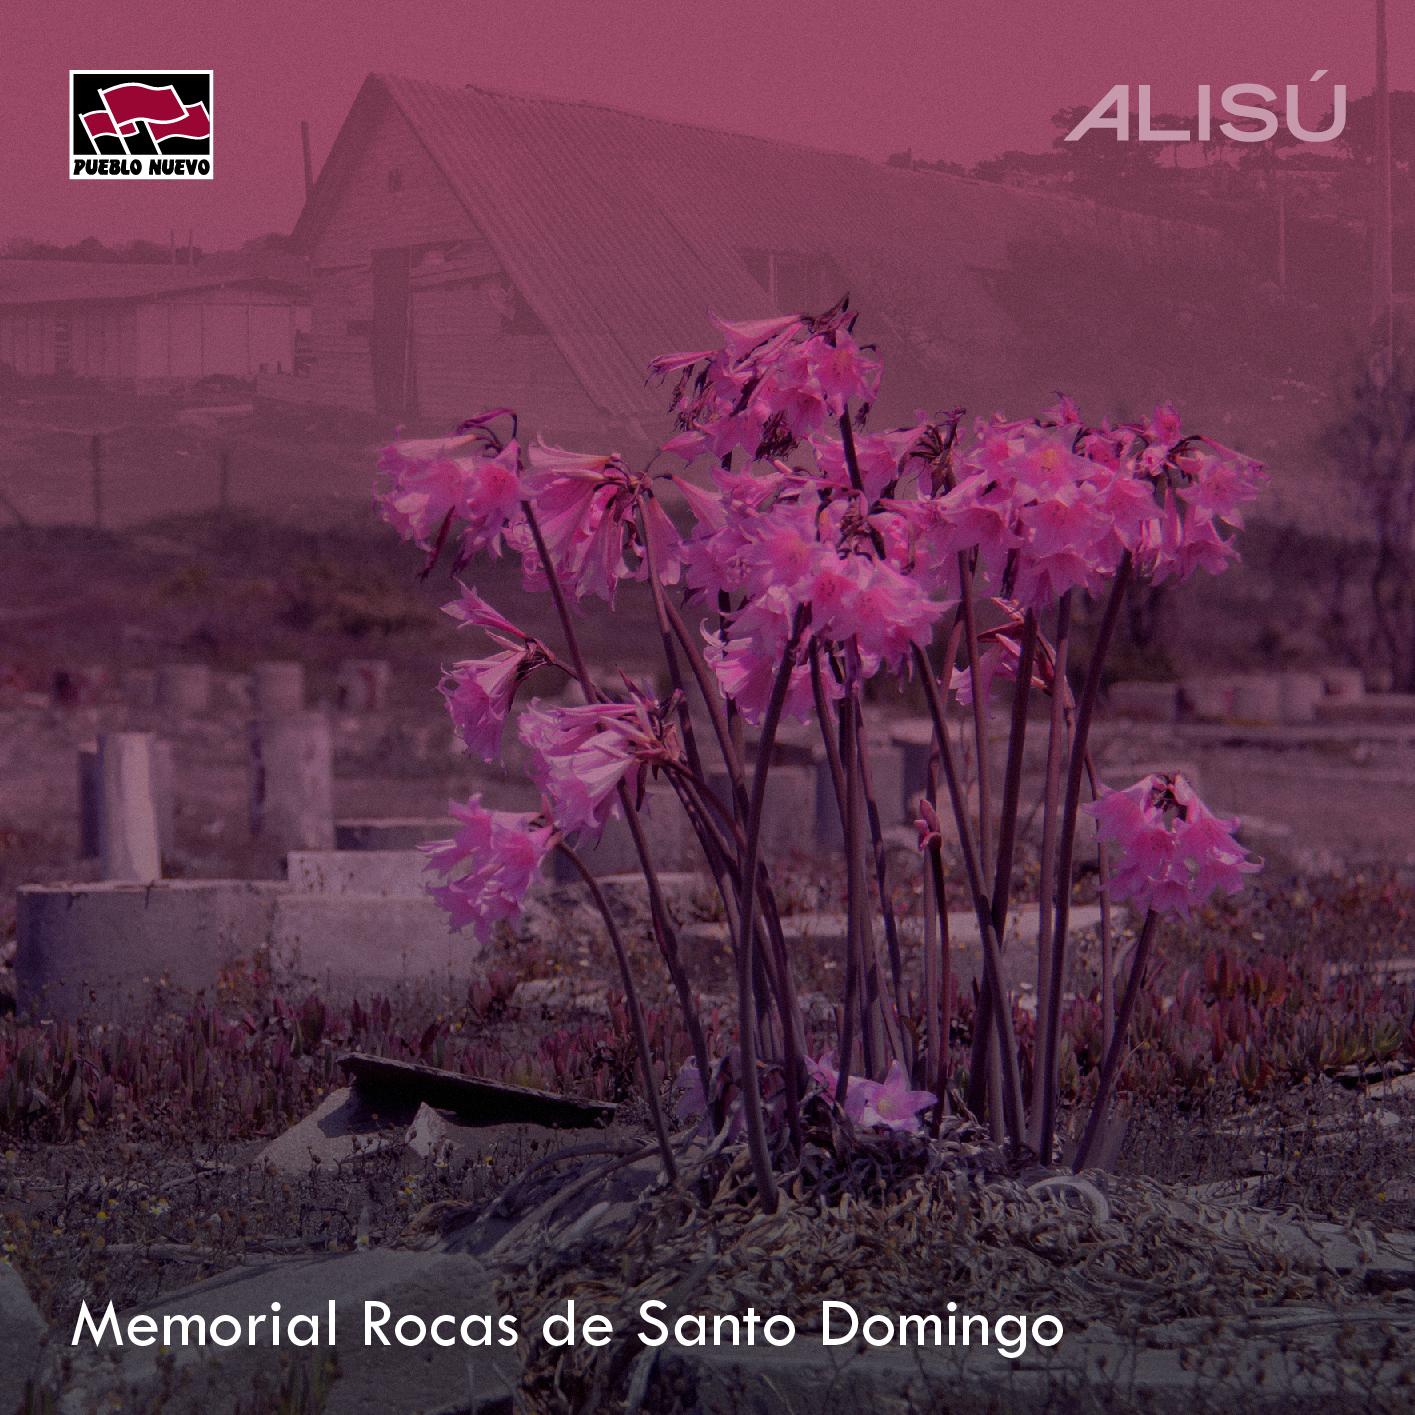 Alisú – Memorial Rocas de Santo Domingo